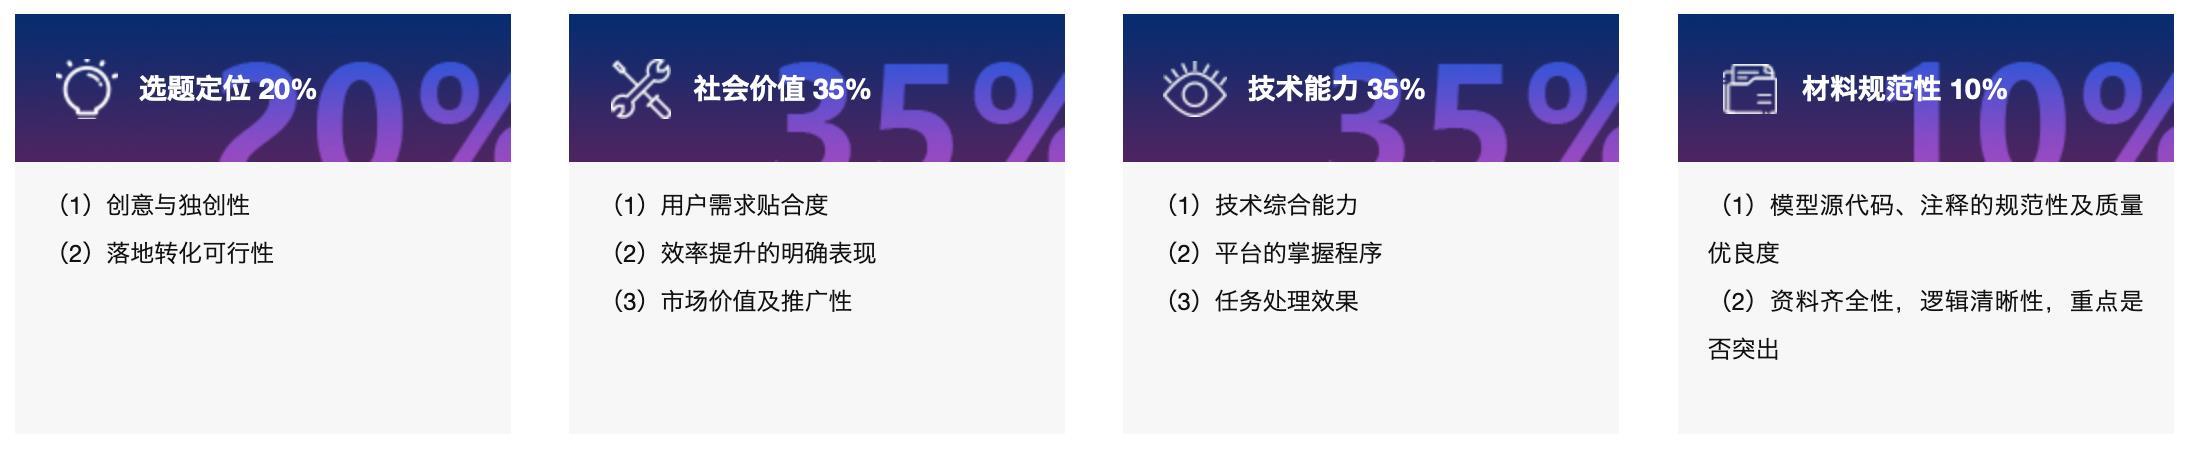 去大赛网-2020中国高校计算机大赛 pic01.jpg